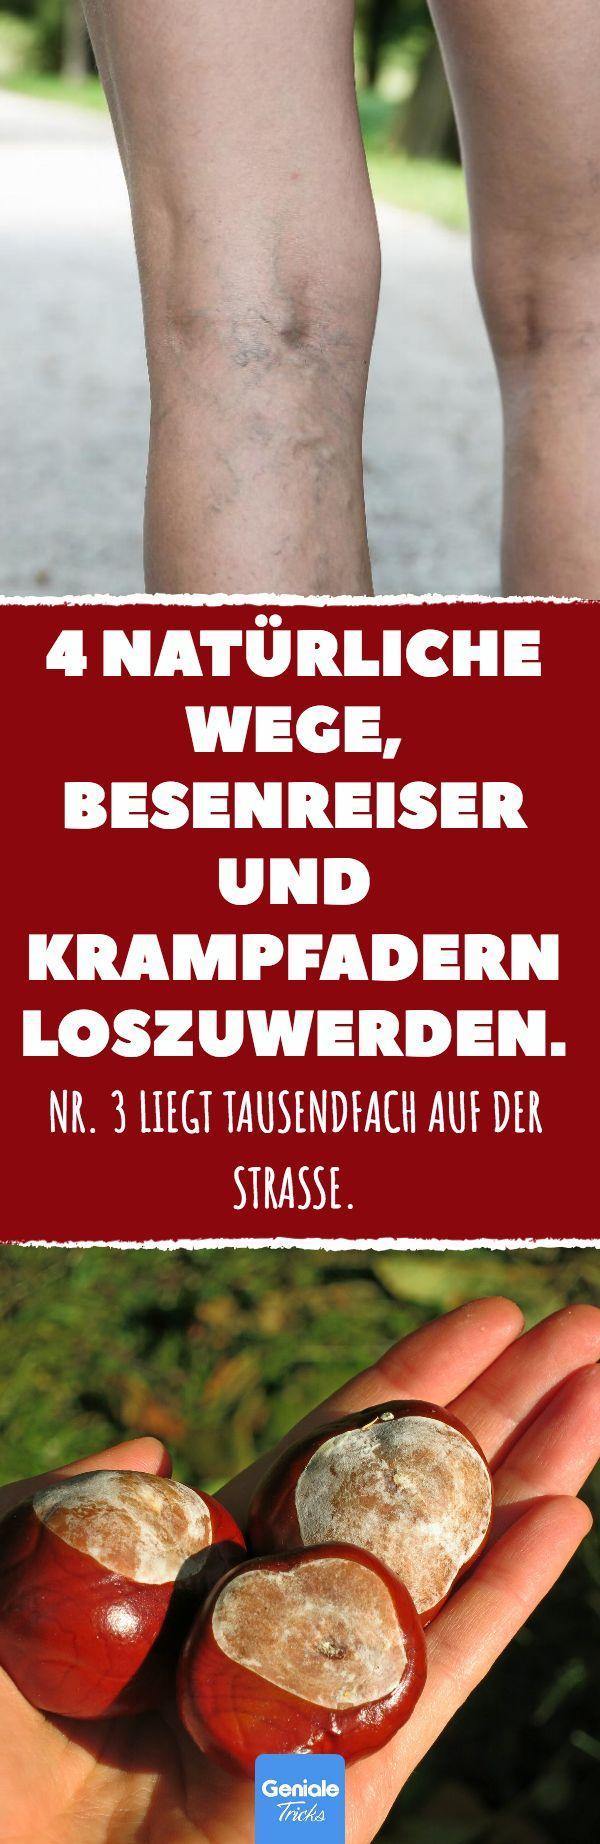 4 natürliche Wege, Besenreiser und Krampfadern loszuwerden. #krampfadern #besen… Steffi Ahrens